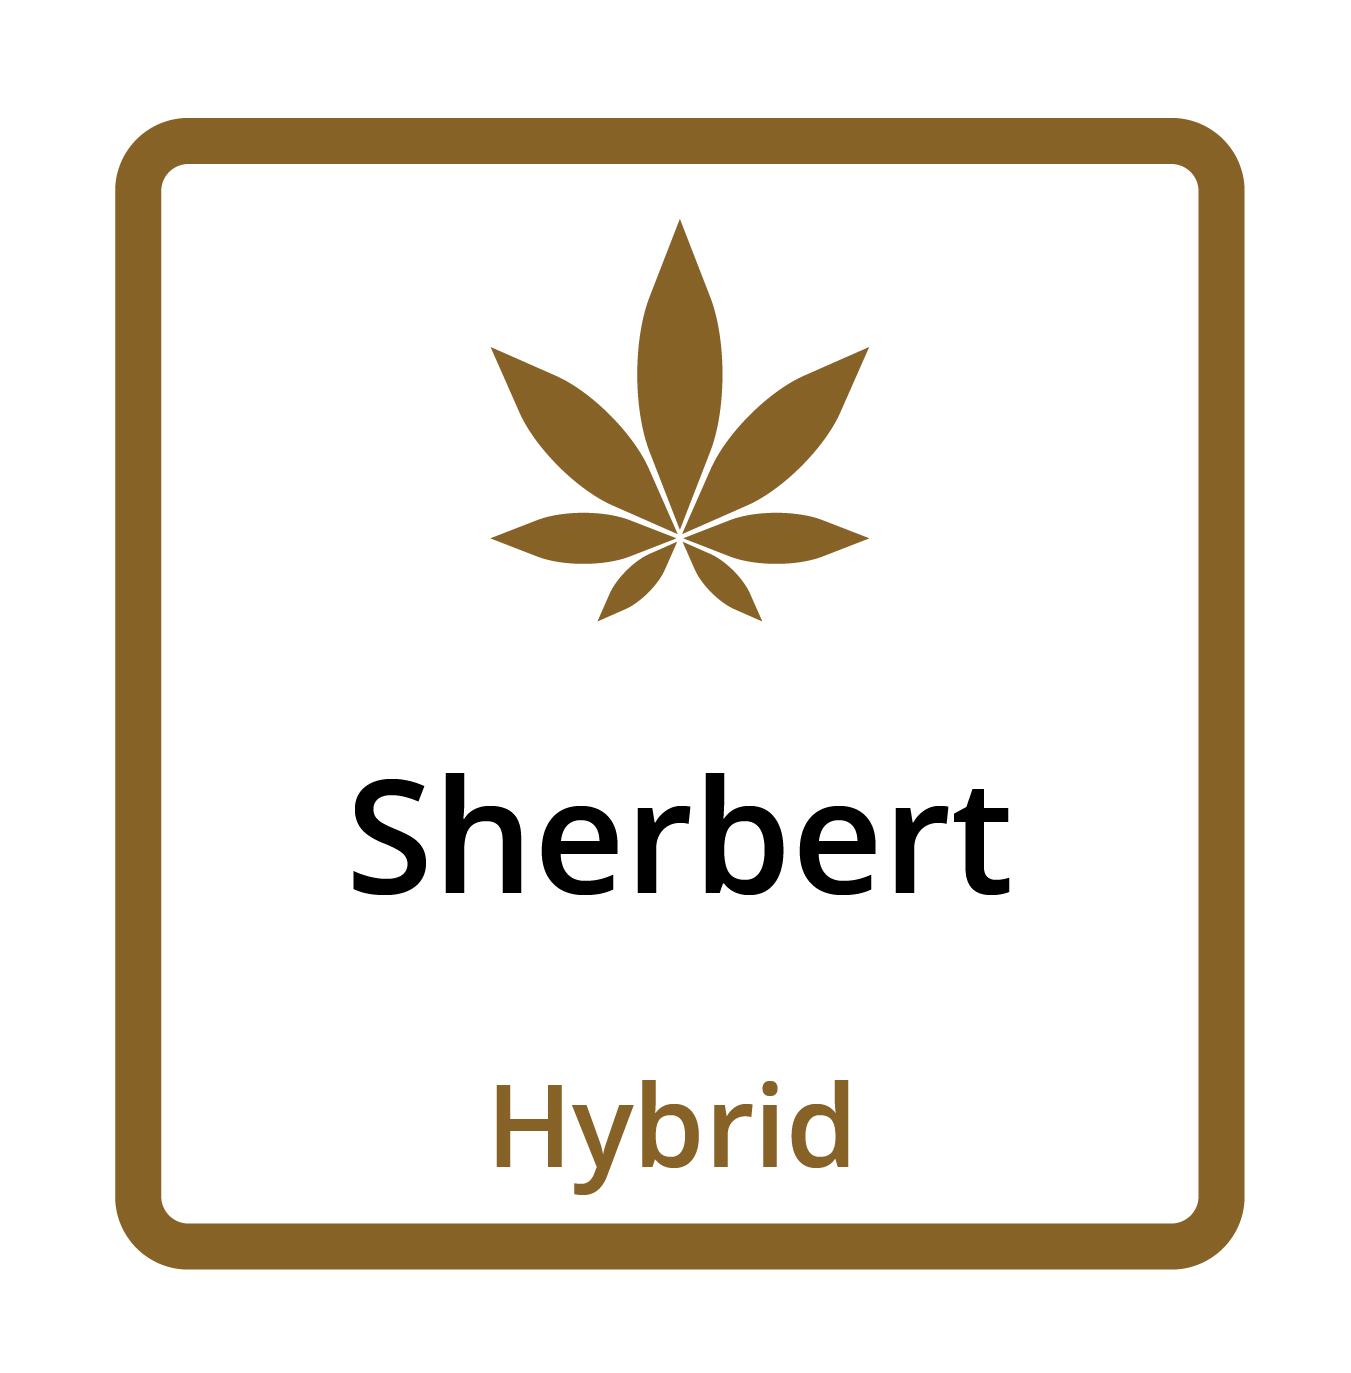 Sherbert (Hybrid)